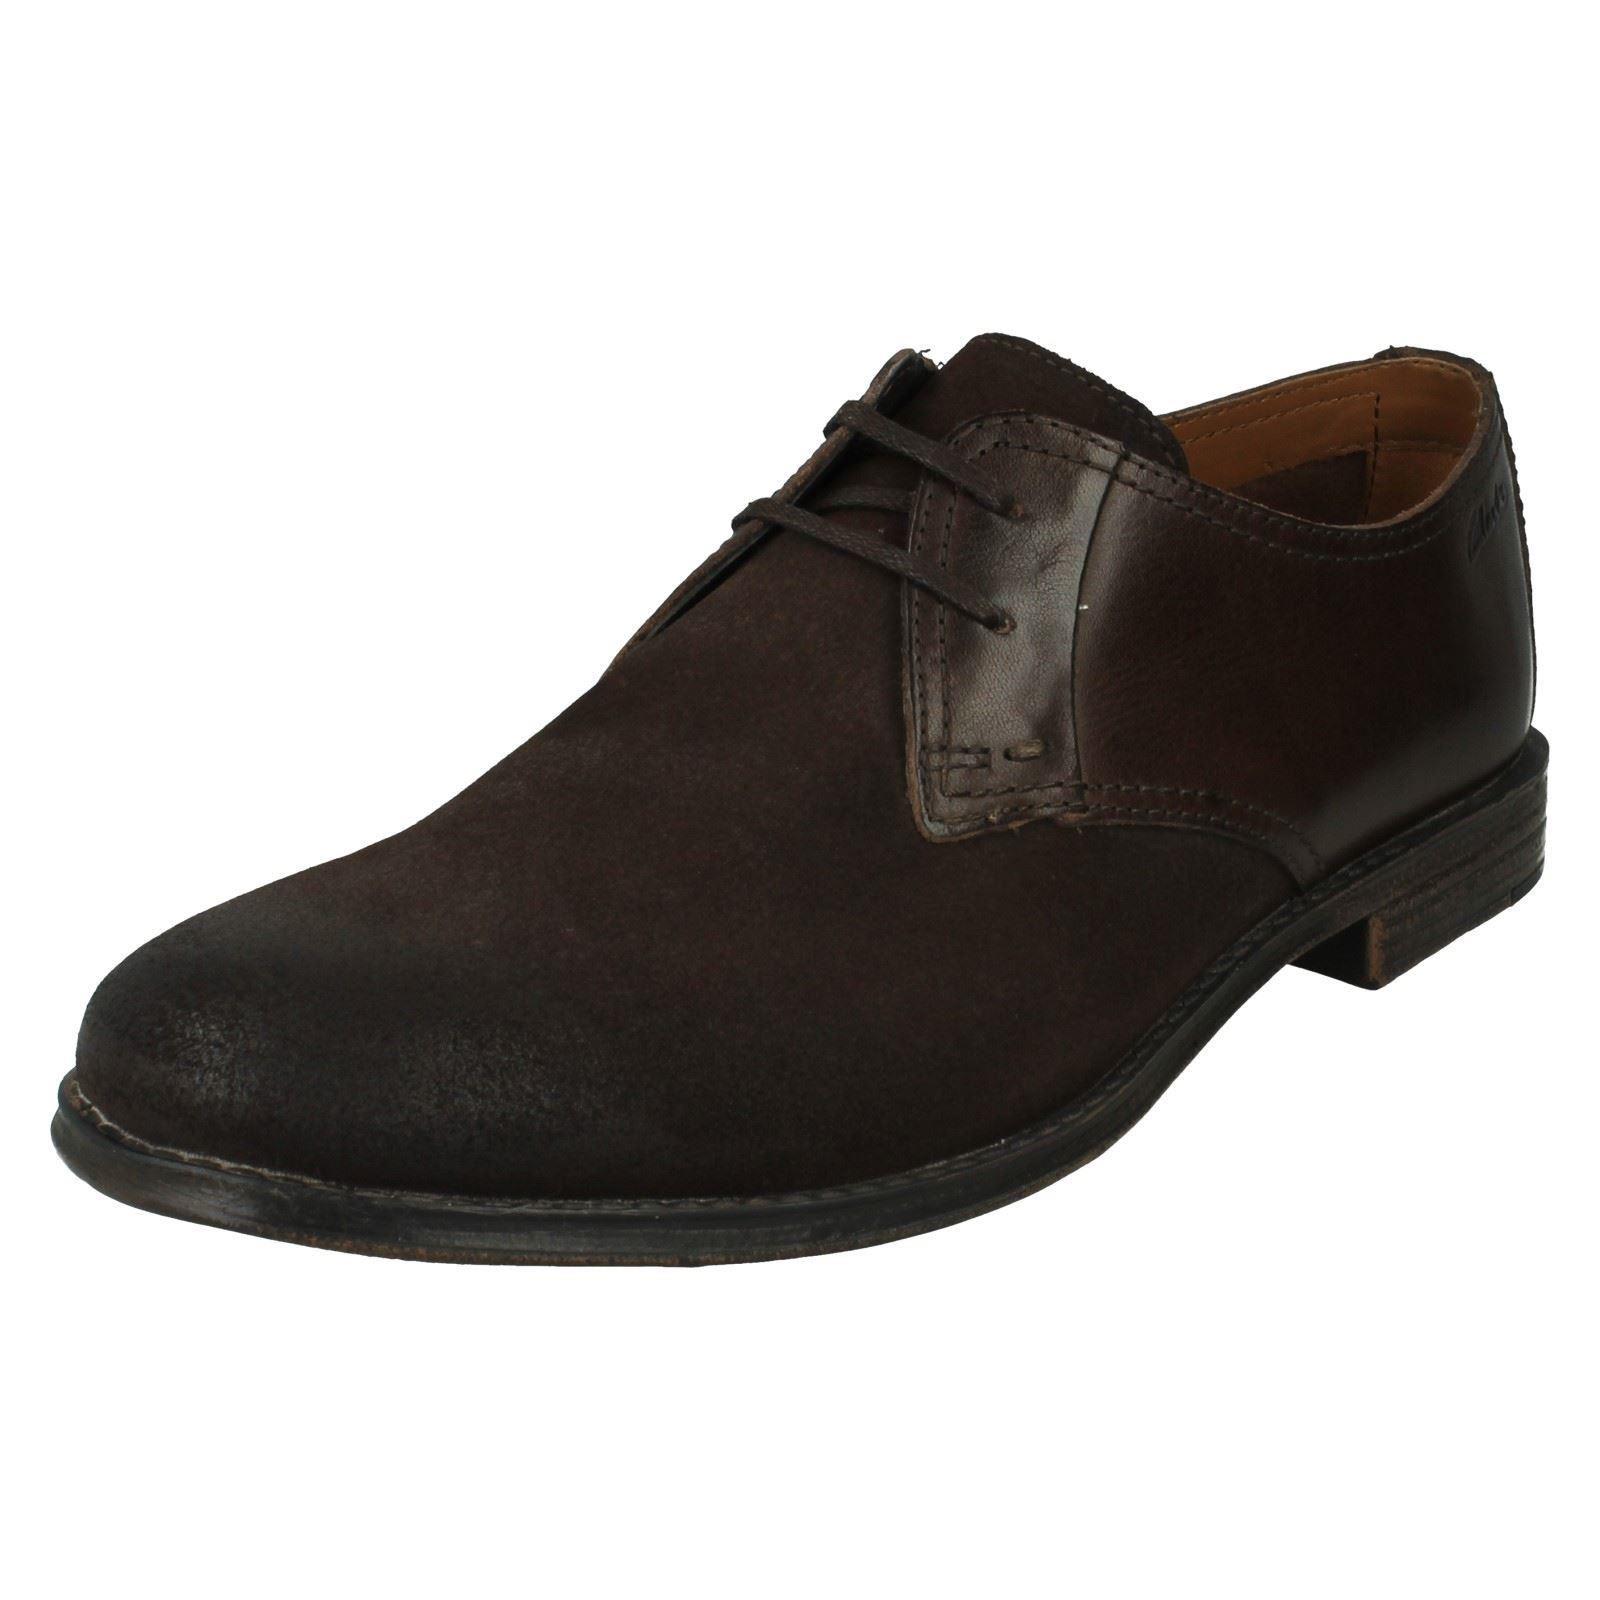 Para Hombre Clarks Casuales Zapatos Casuales Clarks Estilo-hawkley caminar 8beb32